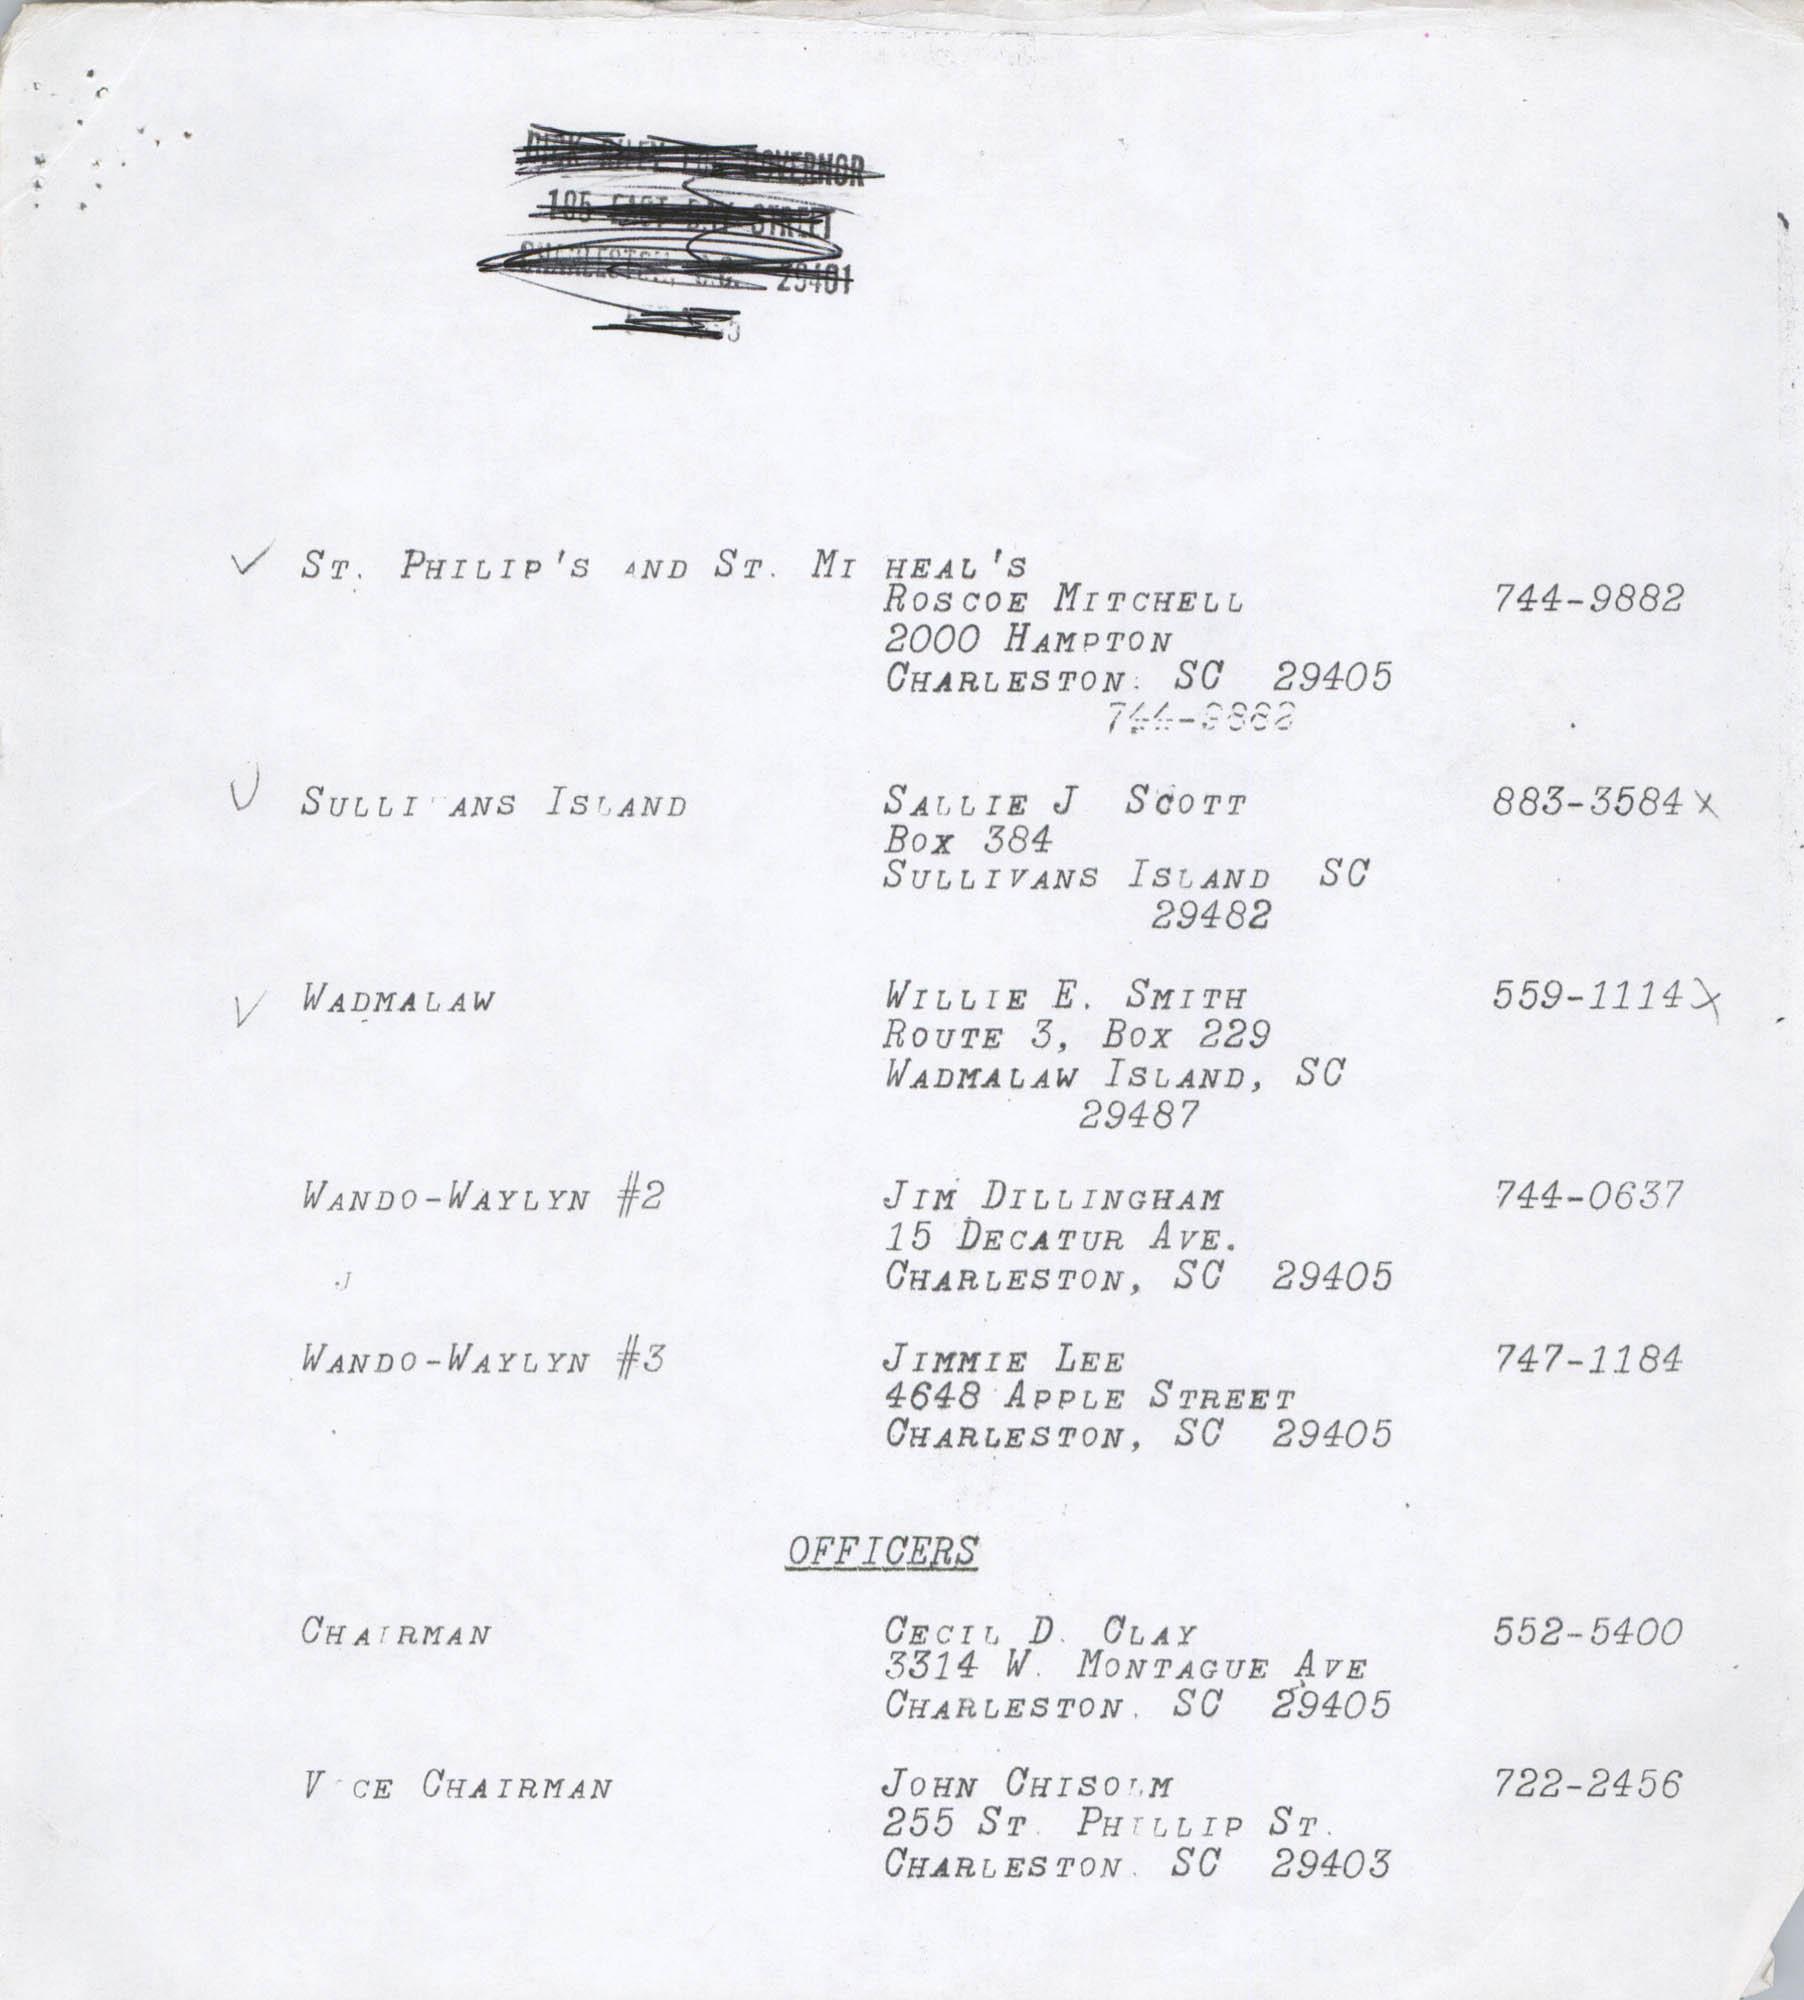 Directory of South Carolina Individuals, Page 12